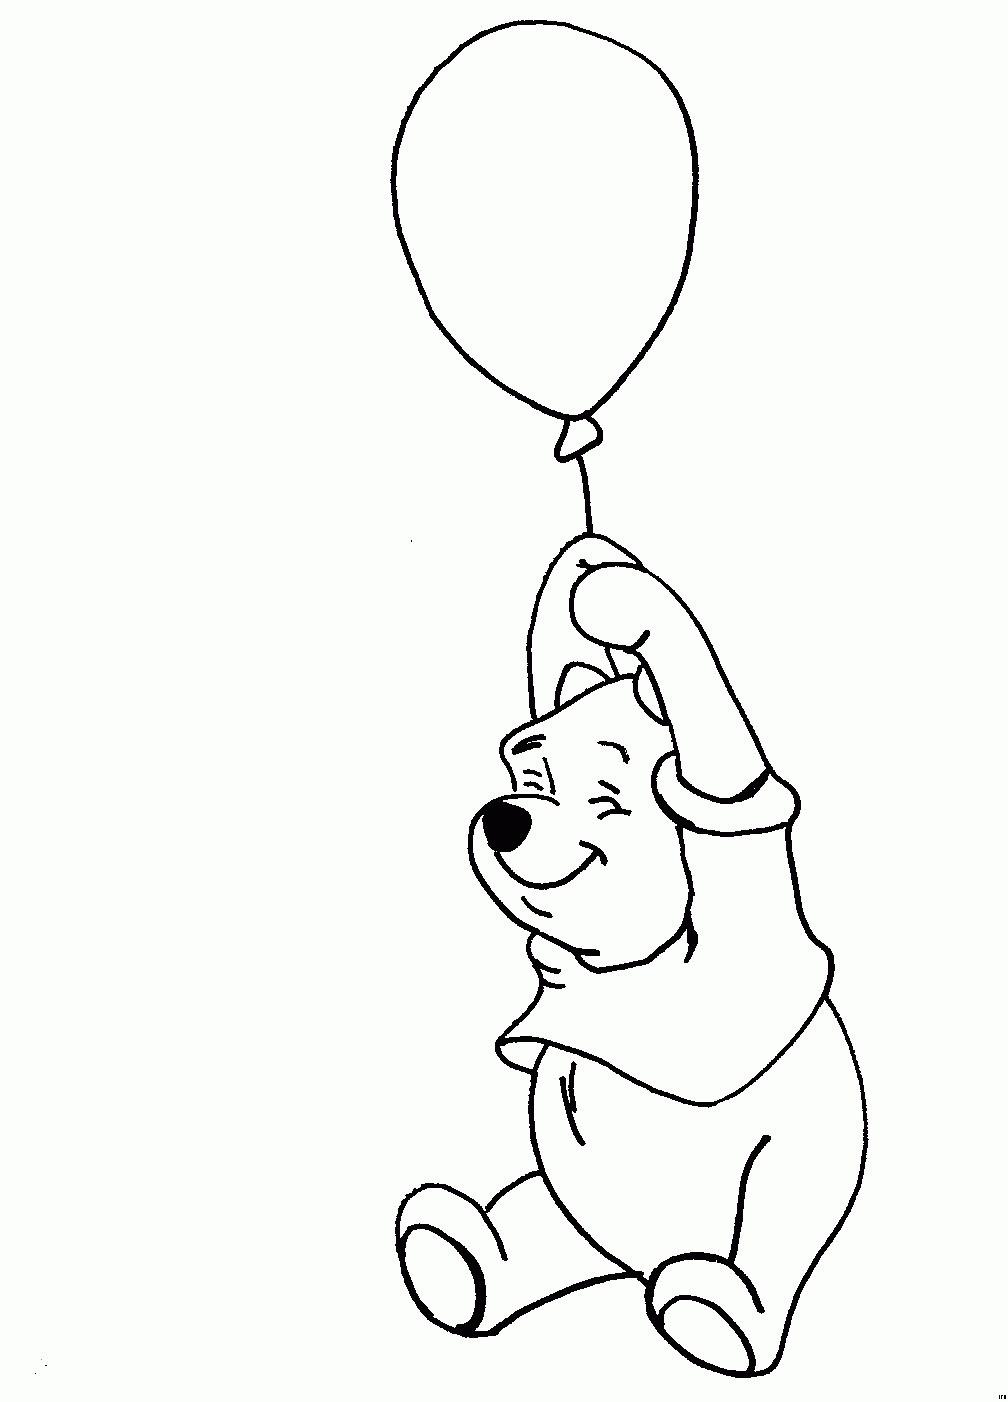 Ausmalbilder Winnie Pooh Einzigartig Ausmalbilder Winnie Pooh Genial Winnie the Pooh Christmas Coloring Stock